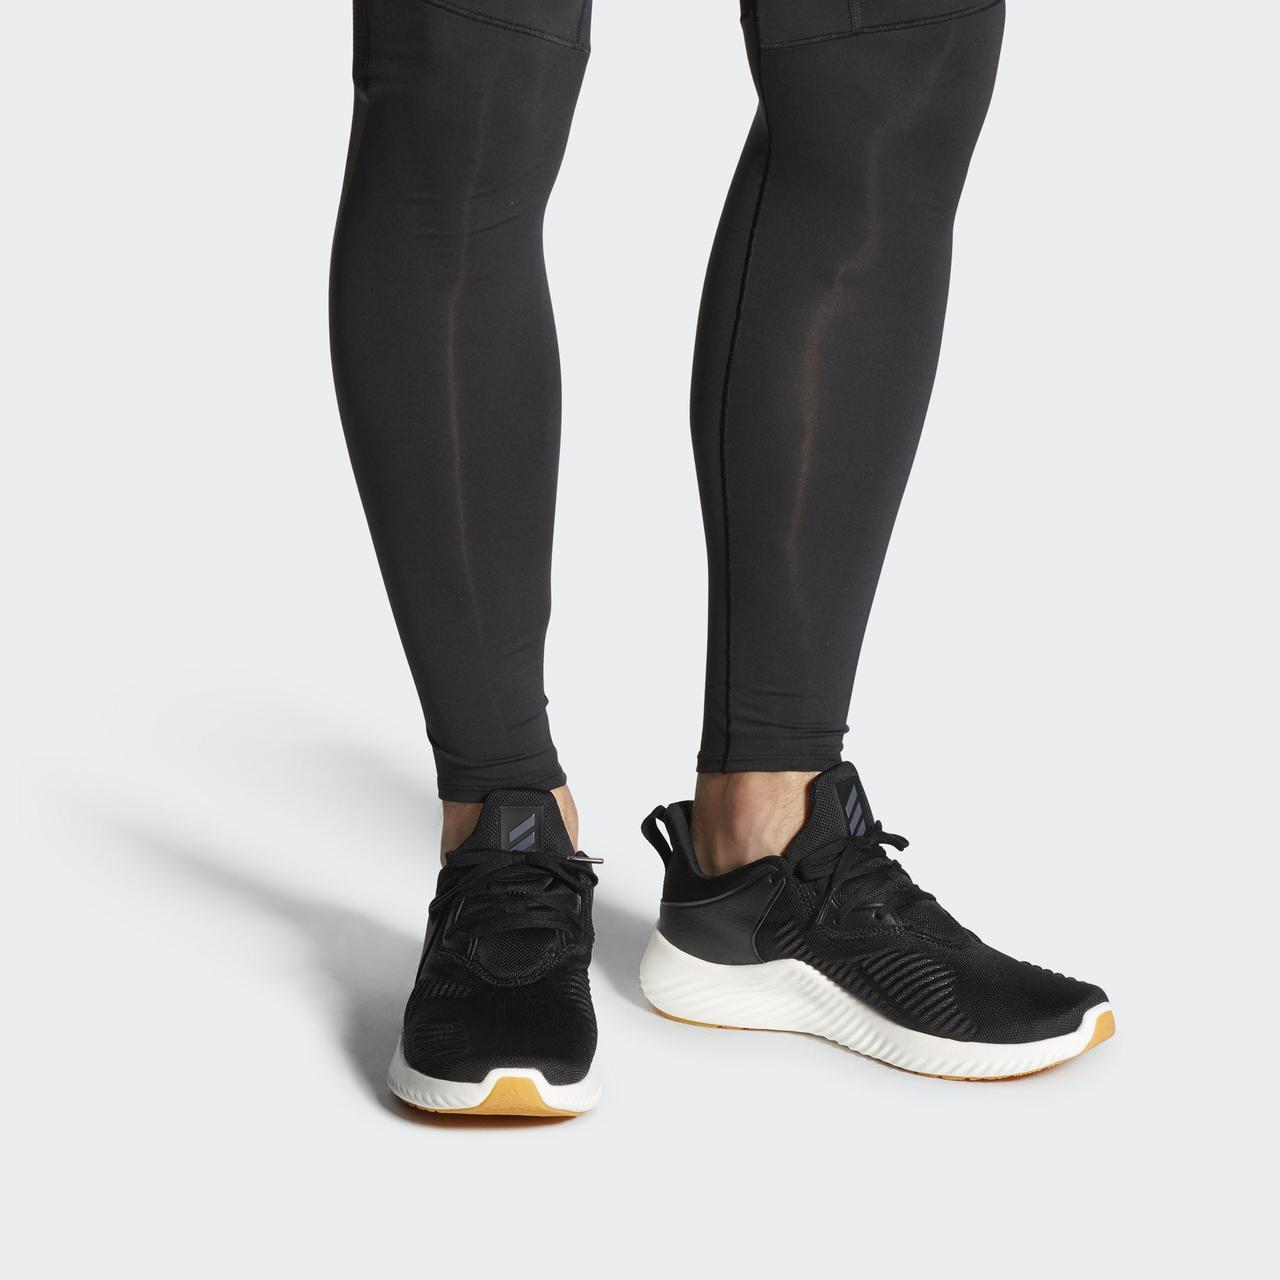 Кроссовки для бега Adidas Alphabounce RC 2.0 D96524 41 1/3; 42 2/3 размер